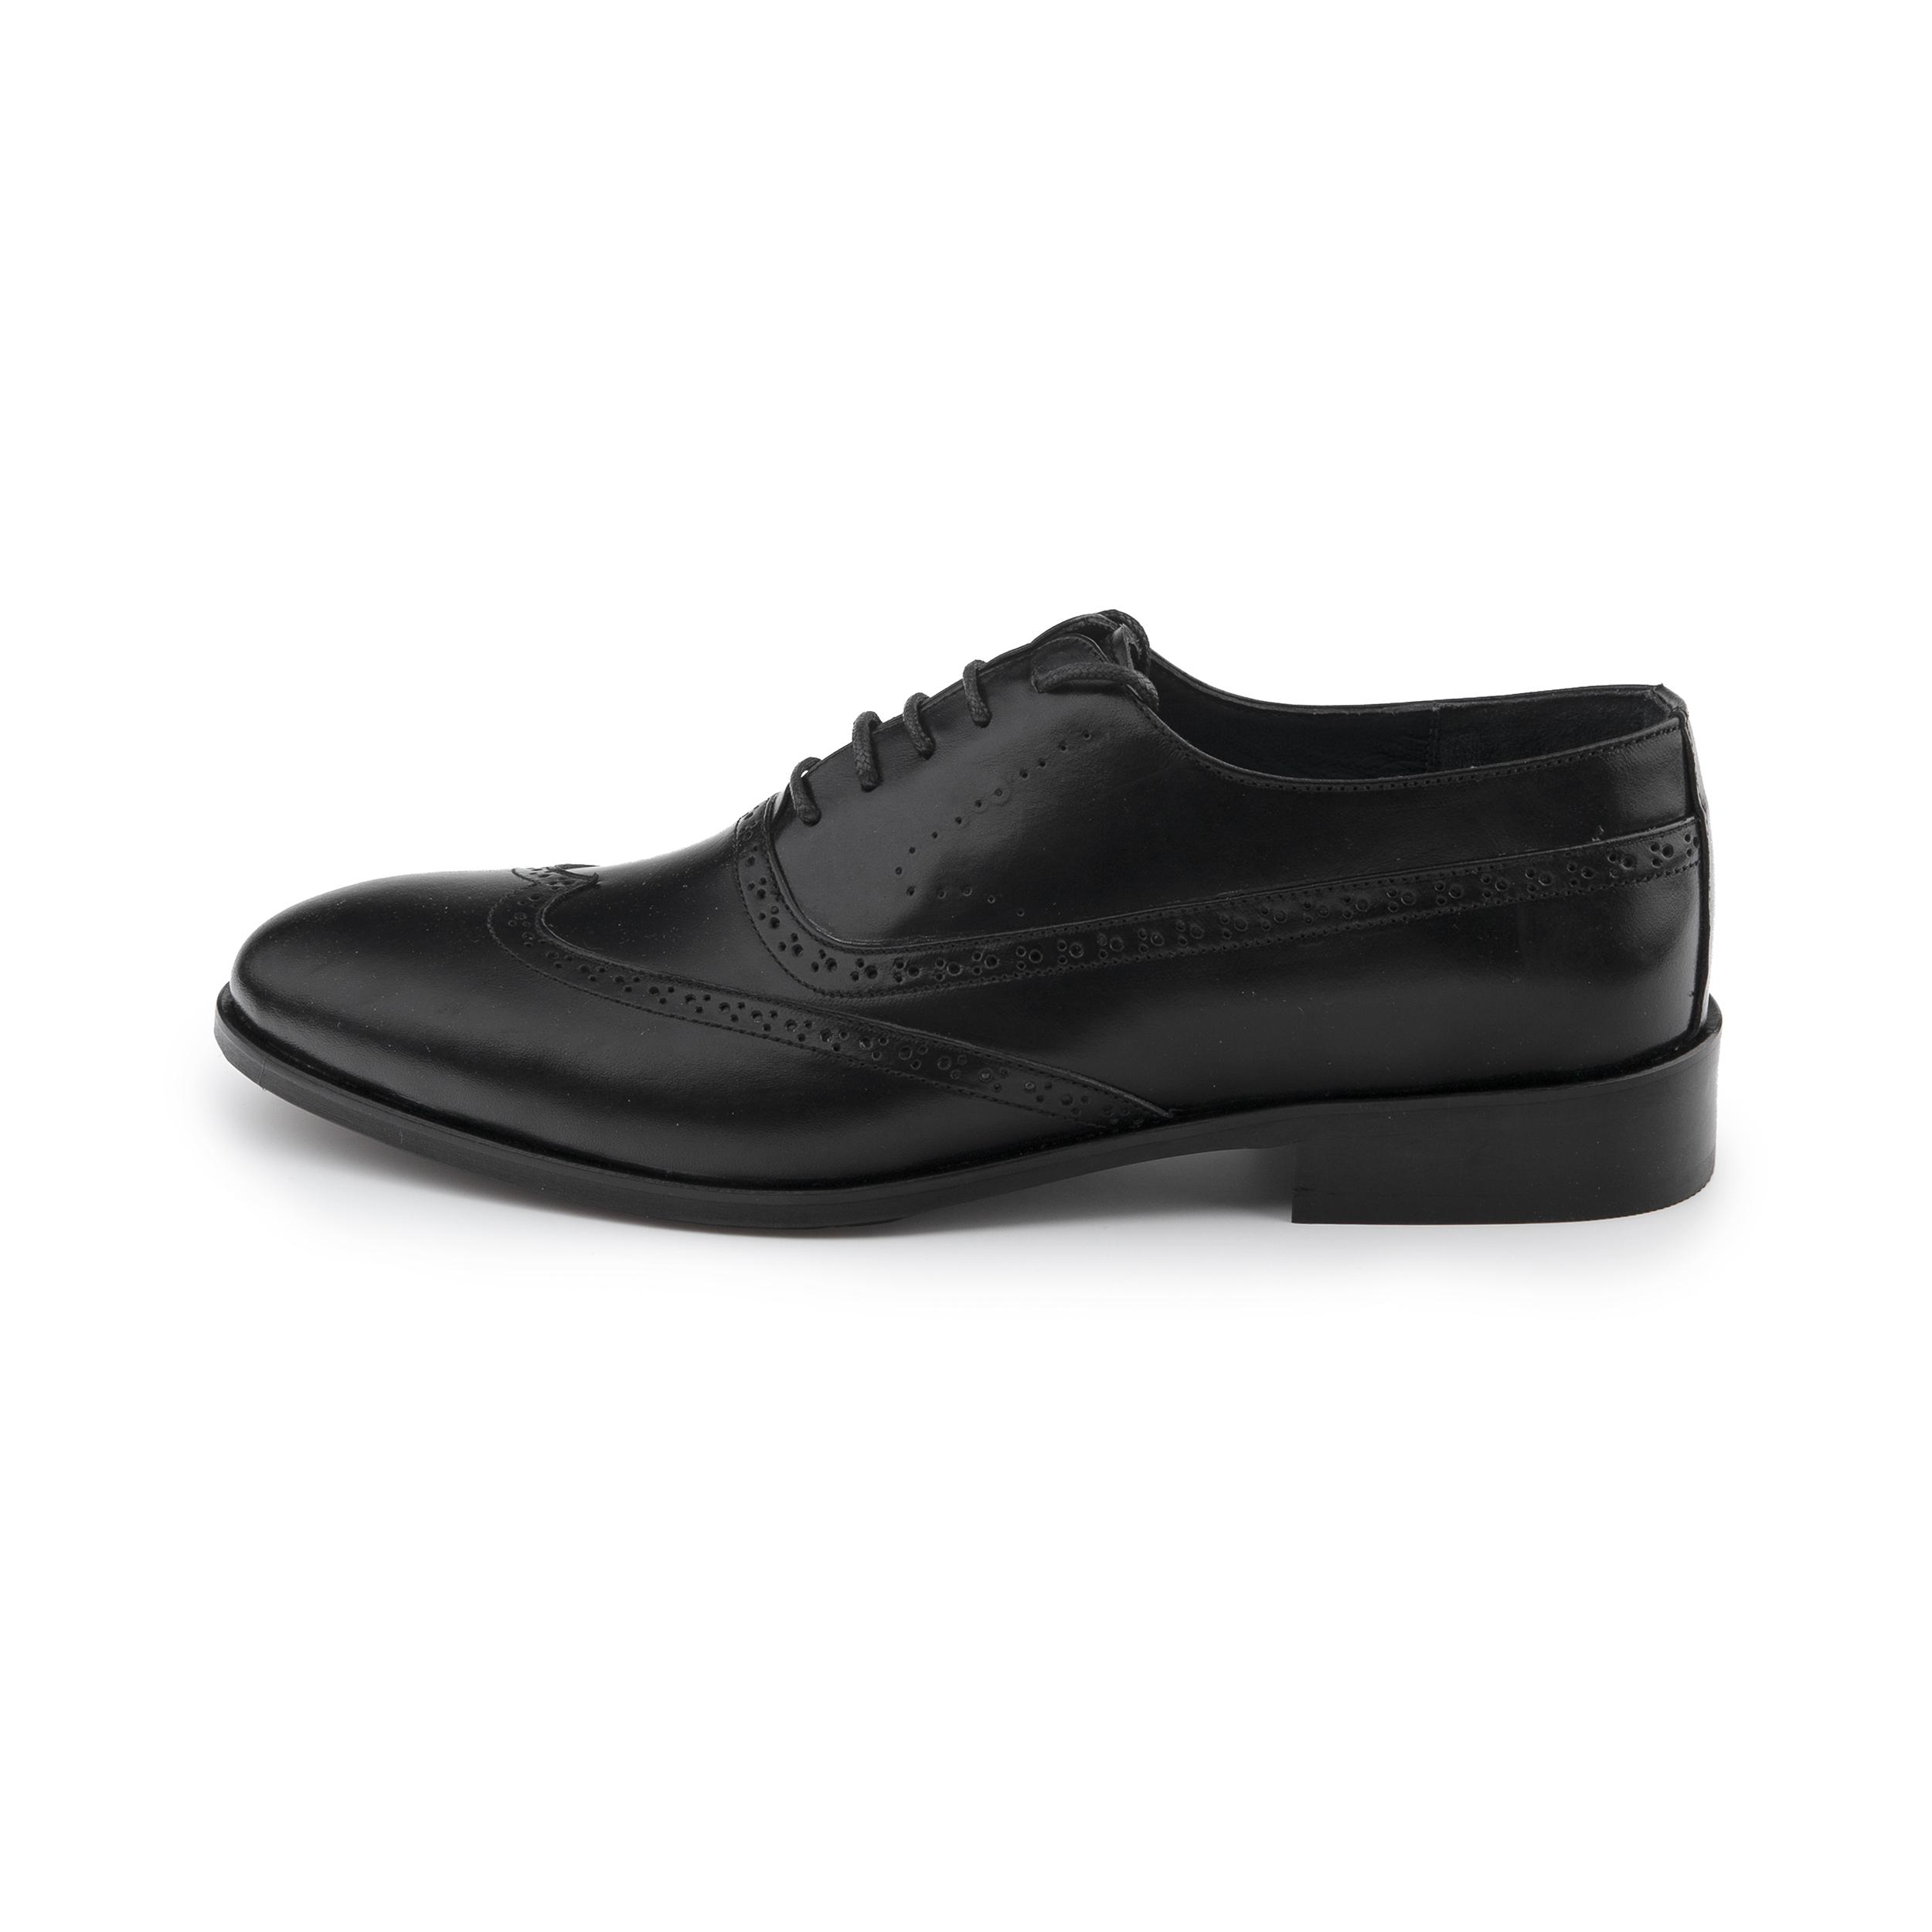 کفش مردانه چرم مشهد مدل J6029001